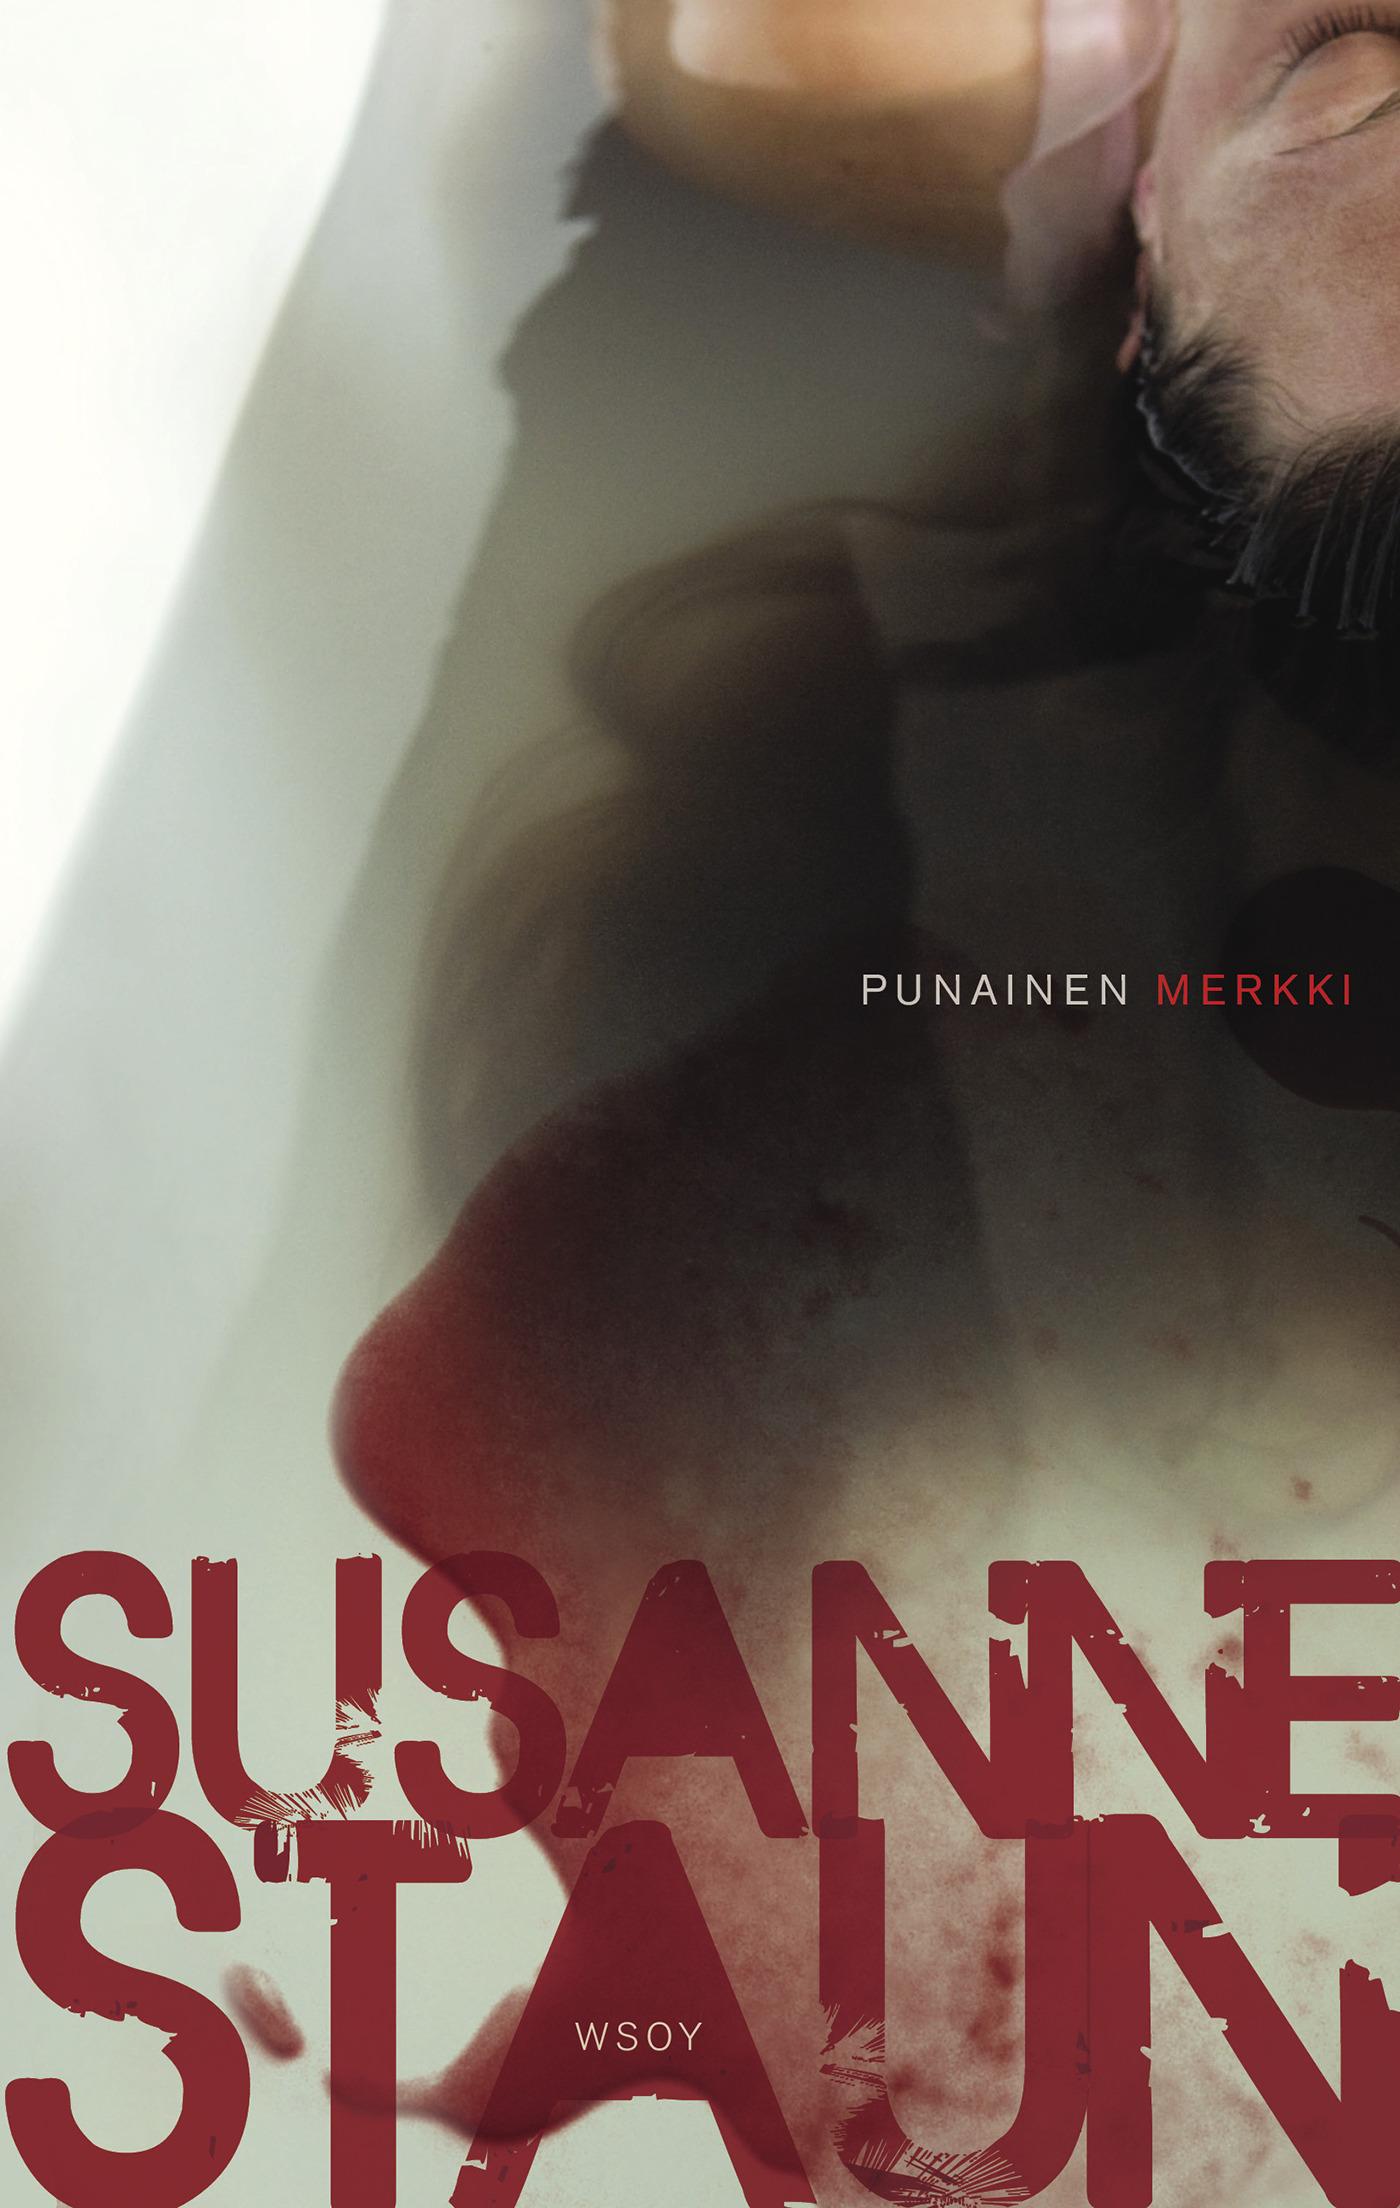 Staun, Susanne - Punainen merkki, e-kirja